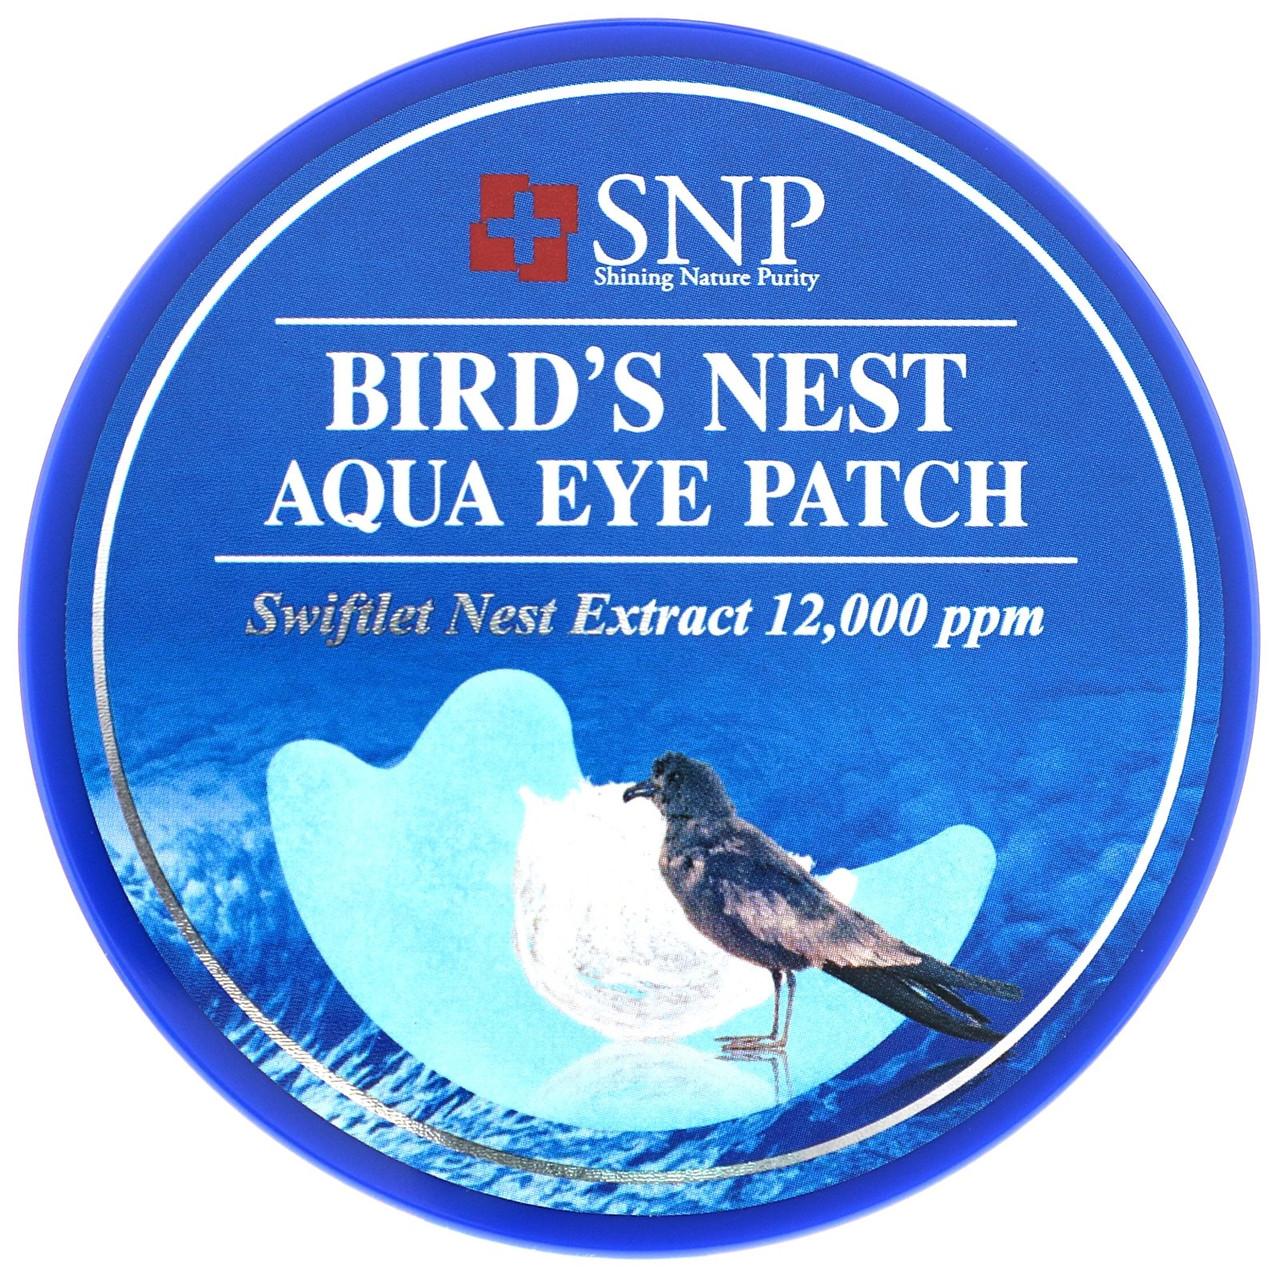 """Гидрогелевые патчи под глаза SNP """"Bird's Nest Aqua Eye Patch"""" с экстрактом ласточкиного гнезда (60 шт)"""